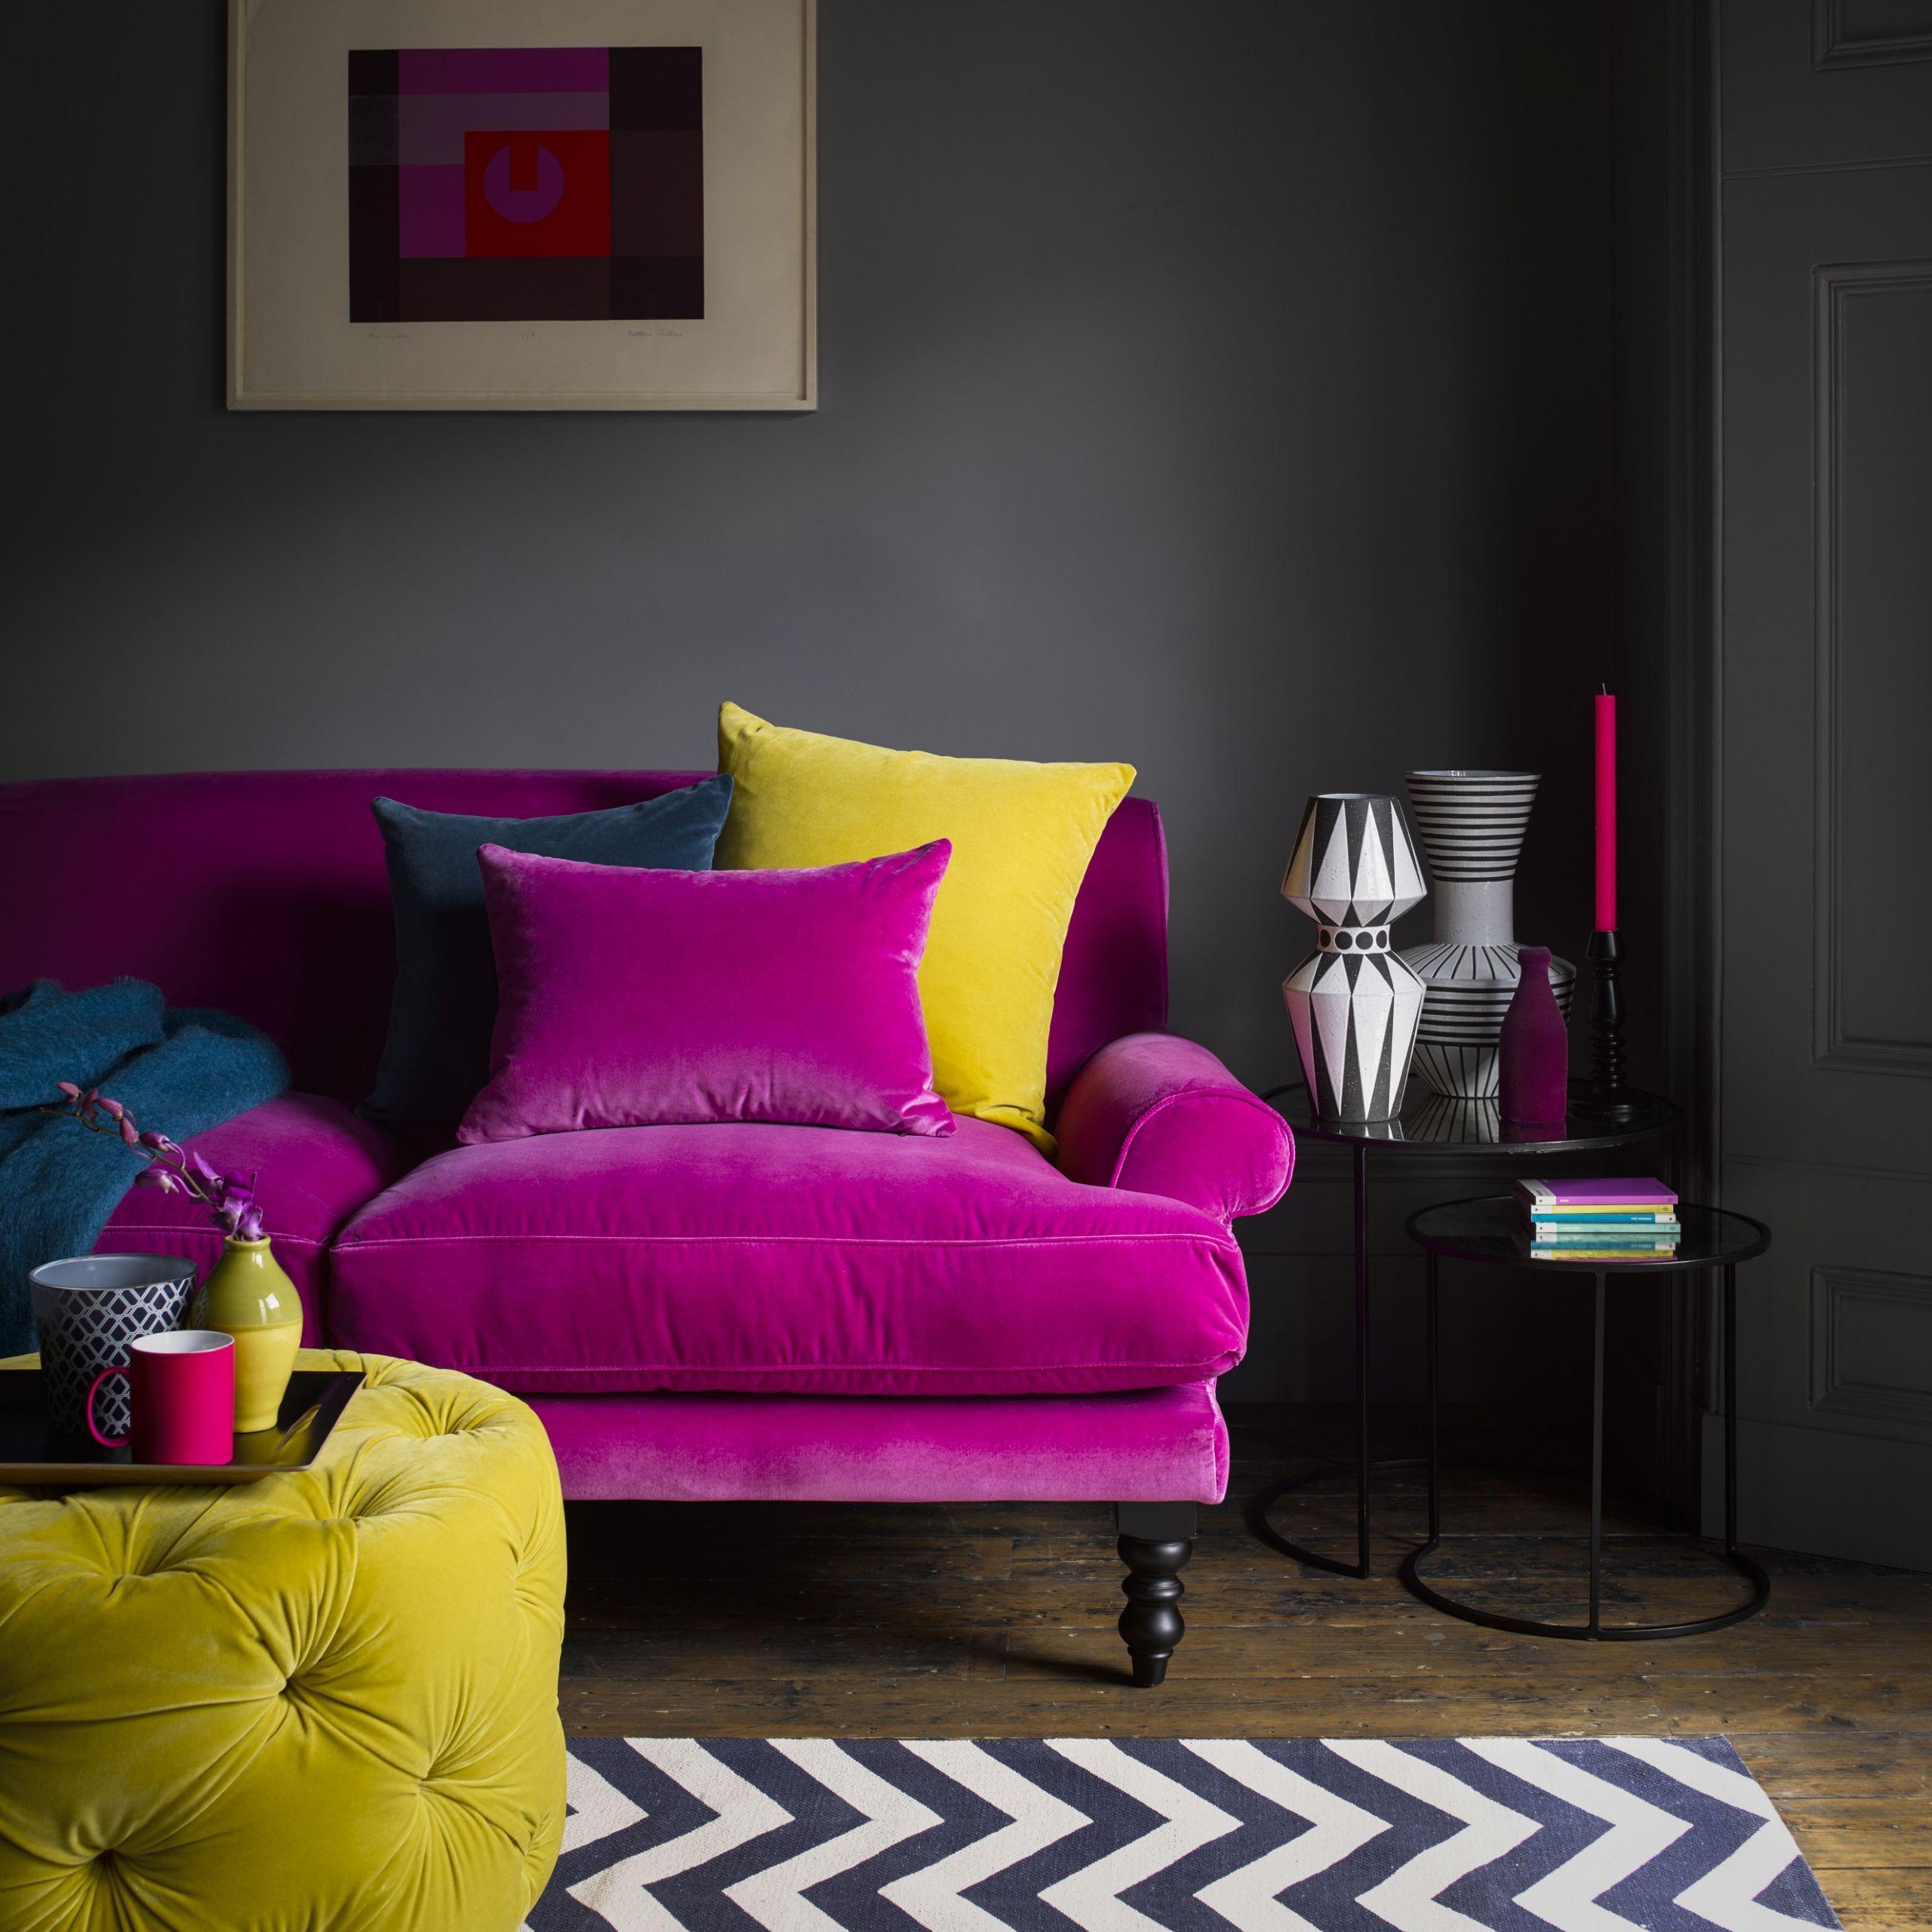 Takie Cveta Kak Ultrafiolet Ochen Udobny Dlya Raboty S Sovremennymi Stilyami Podrobnee Www Delightfull Sofa Colors Living Room Decor Purple Living Room Sofa